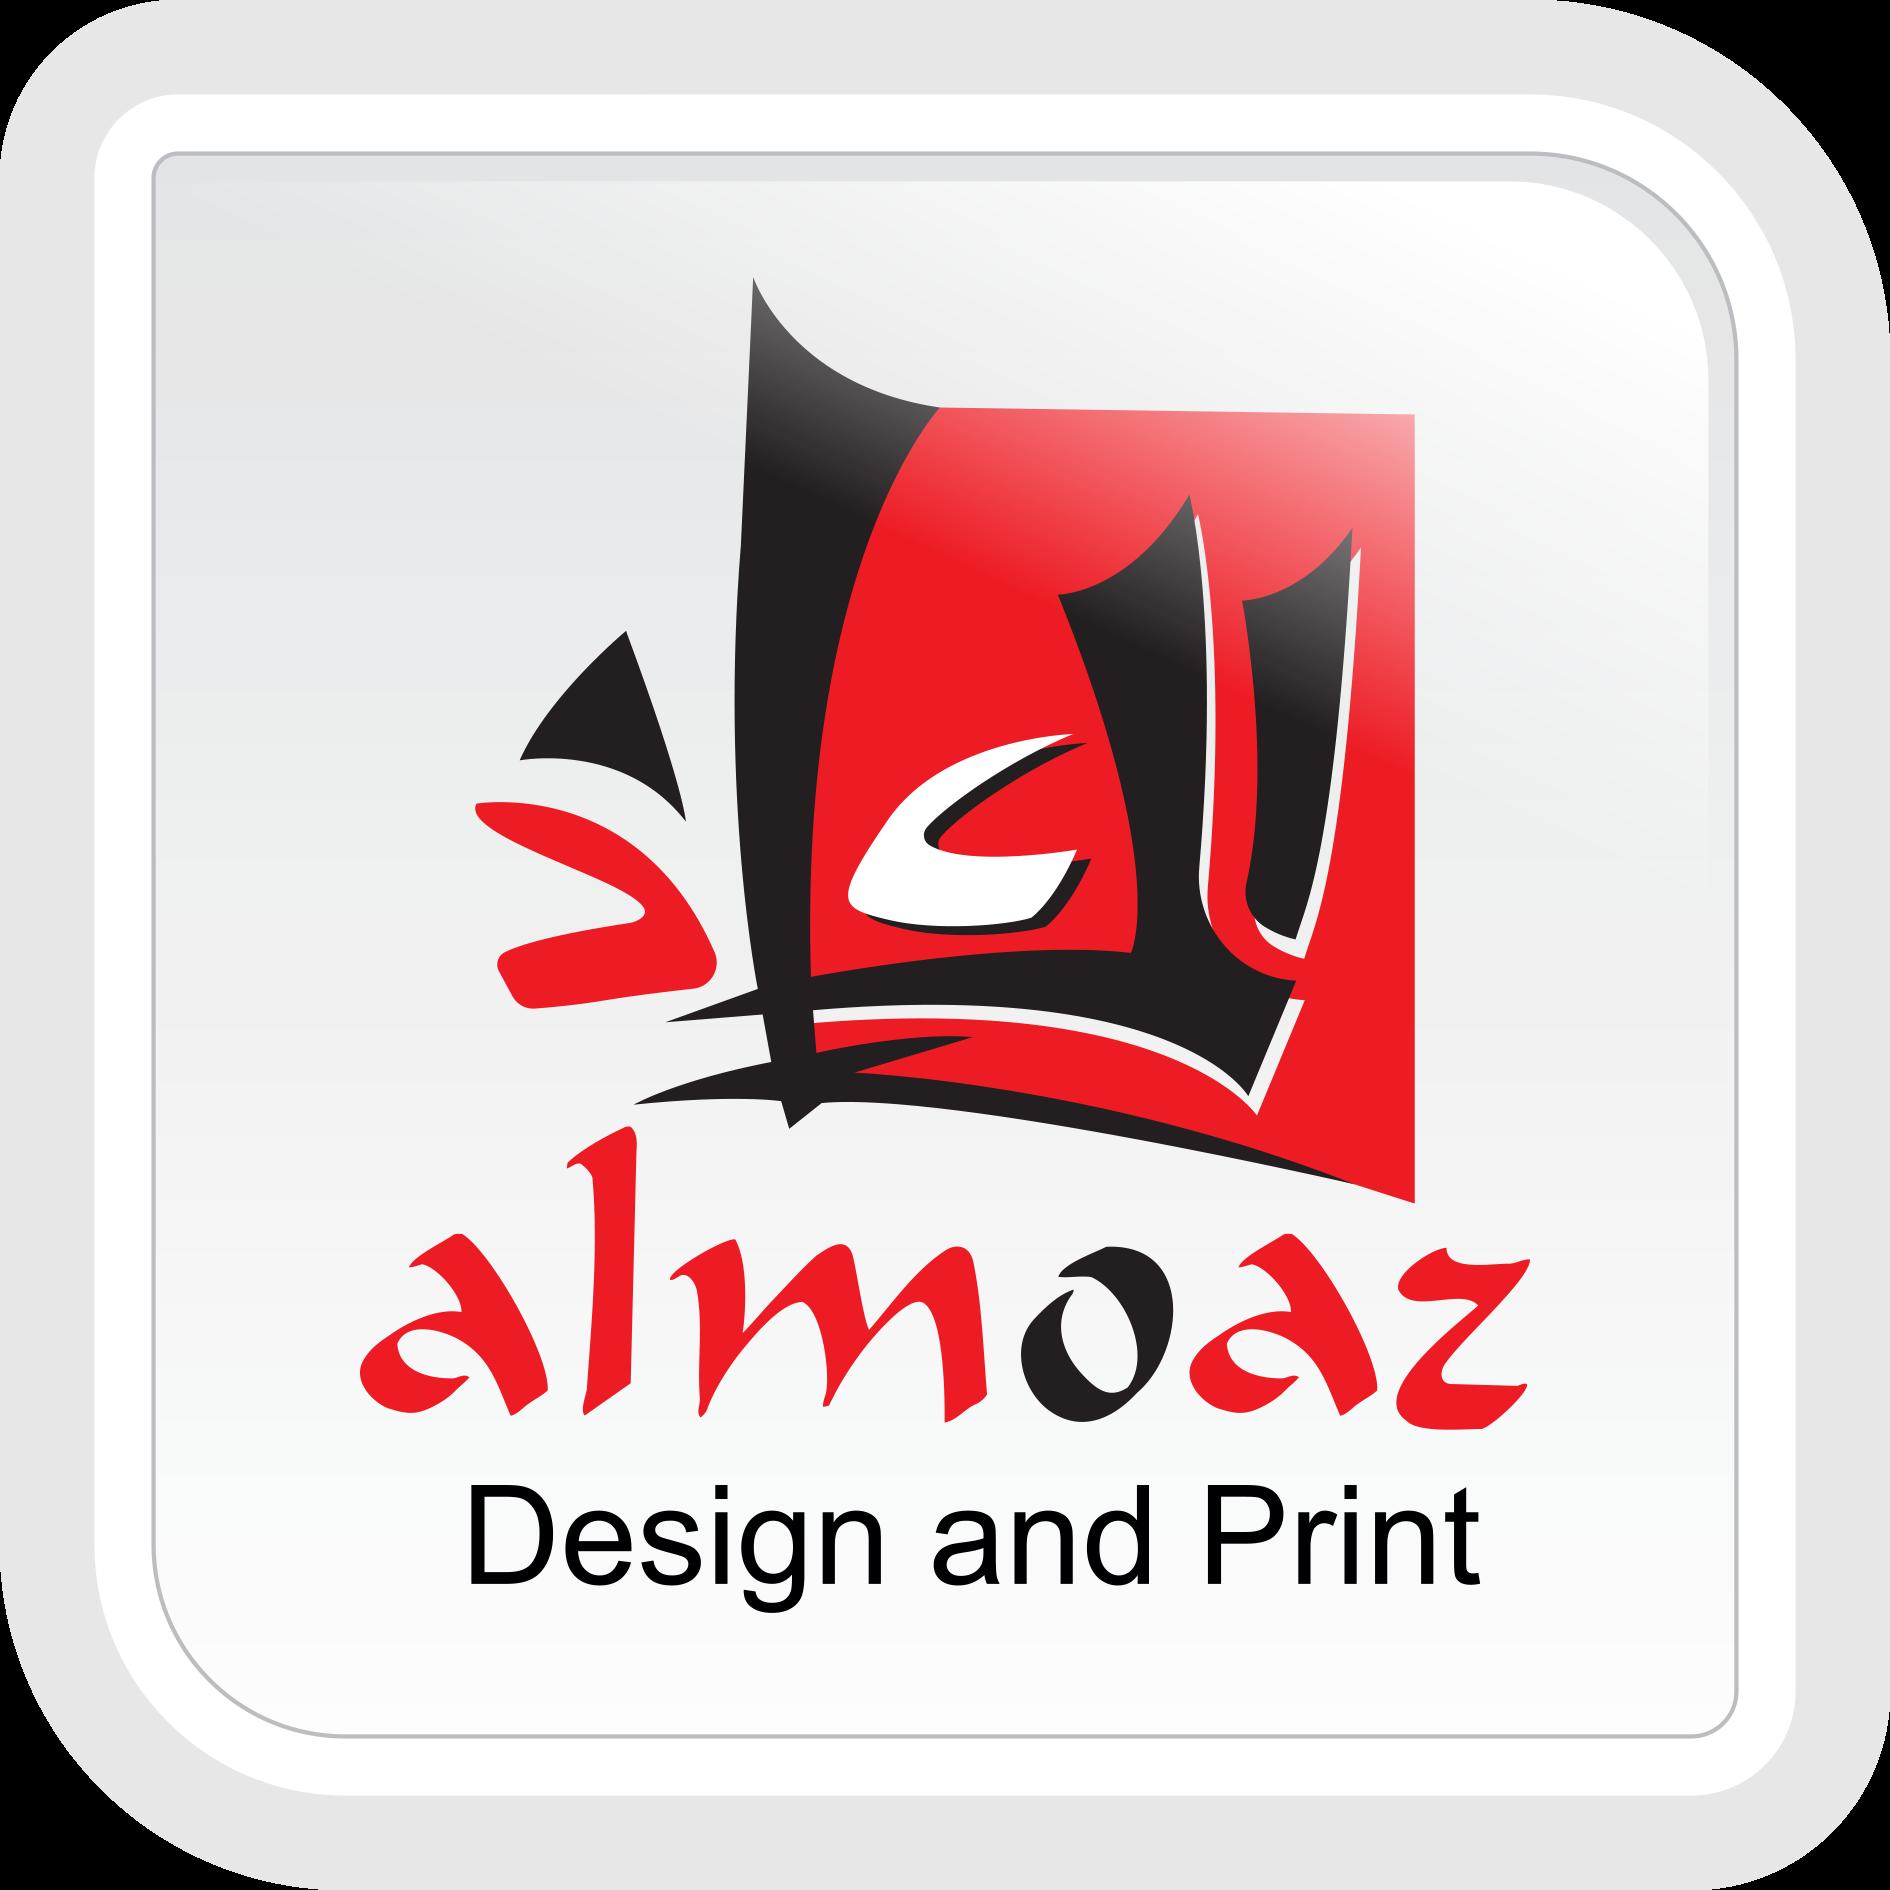 Al-Moaz